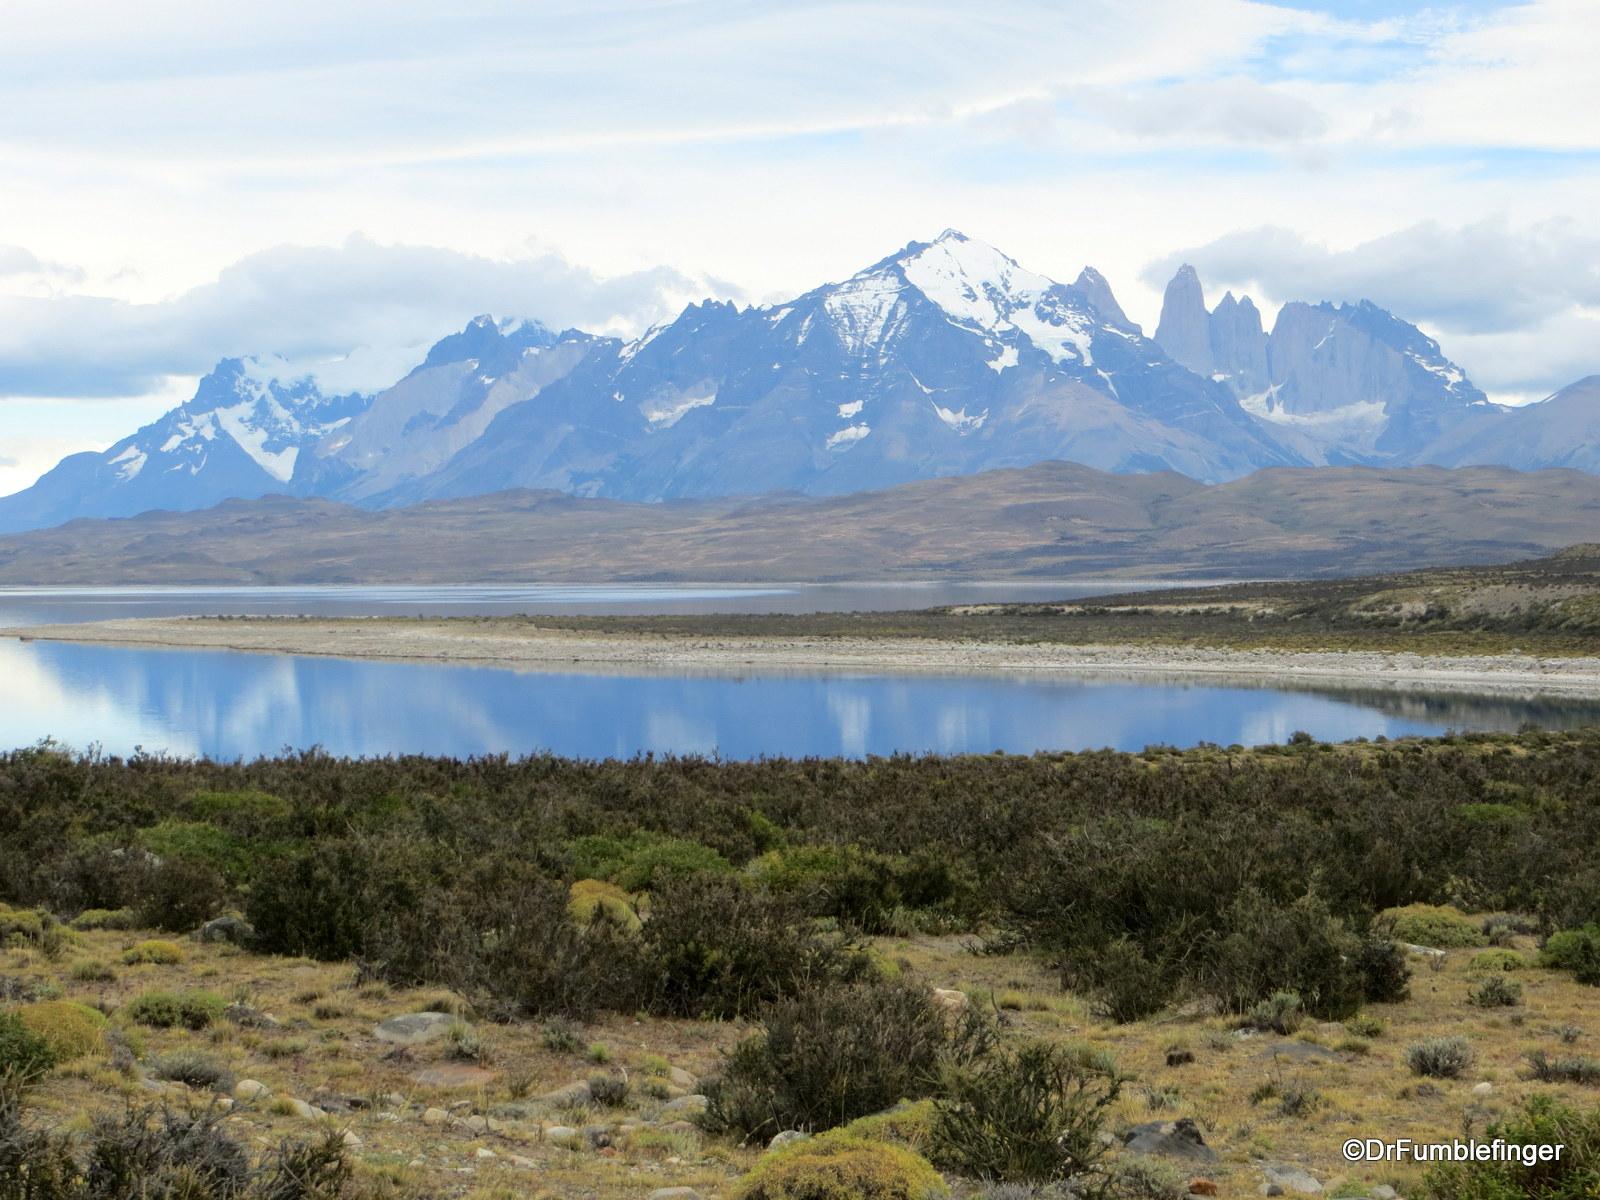 Ahhh! Torres del Paine